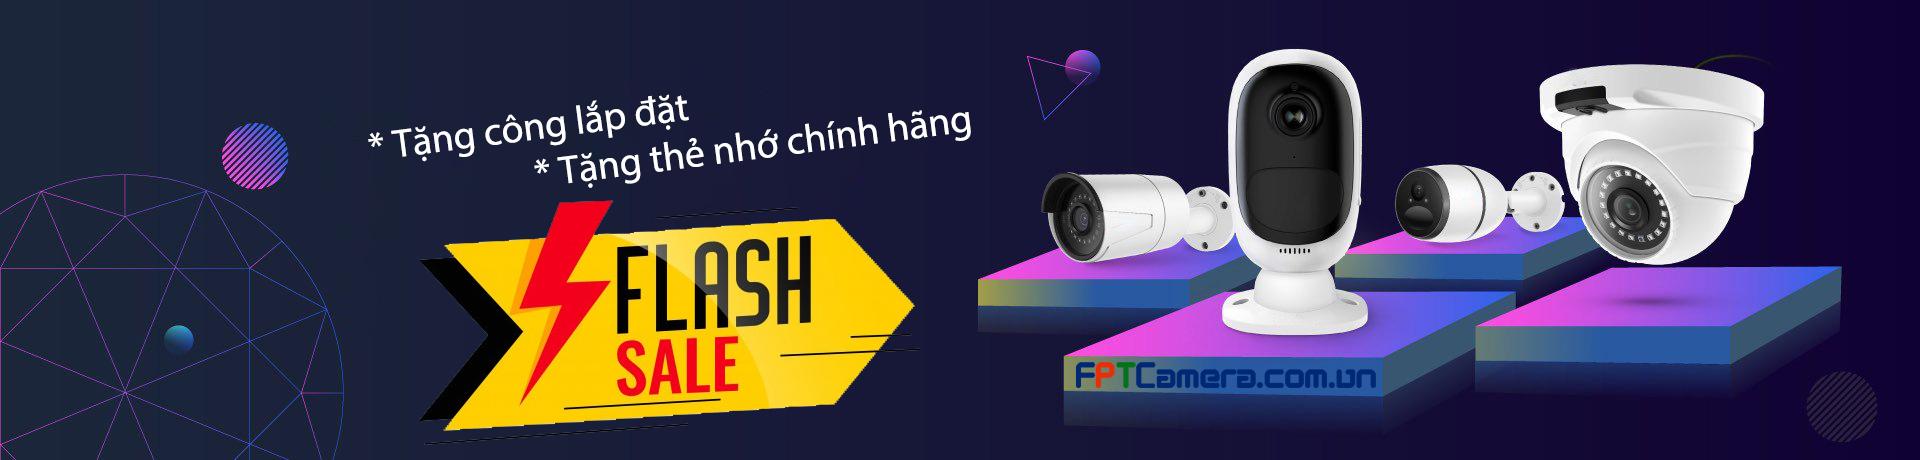 Miễn phí công lắp đặt, tặng thẻ nhớ chính hãng khi lắp đặt Camera tại FPTC